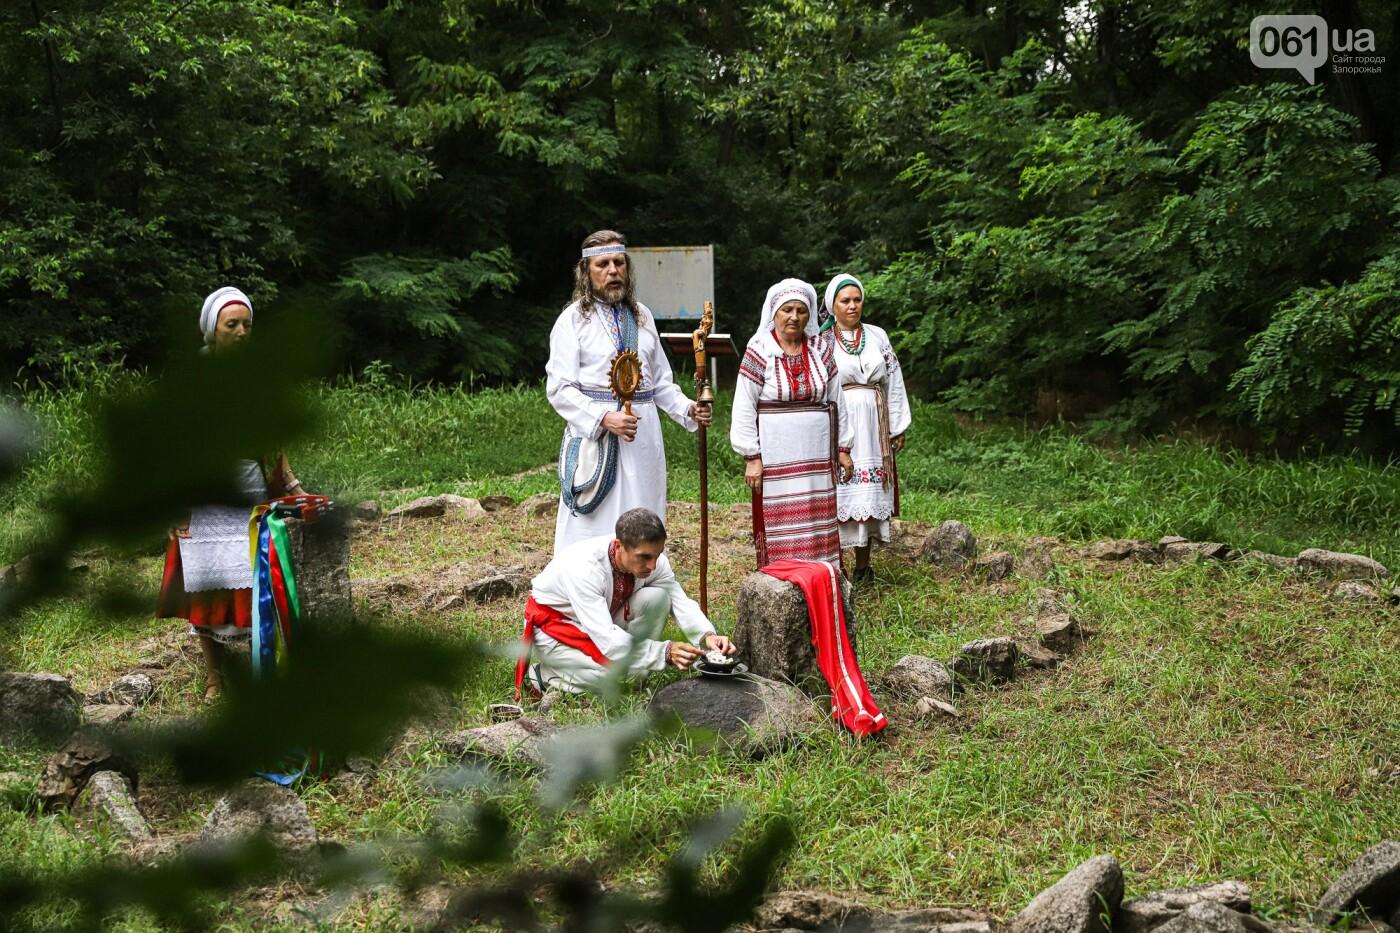 Огонь и дубовые венки: как на Хортице отметили праздник Перуна, - ФОТОРЕПОРТАЖ, фото-15